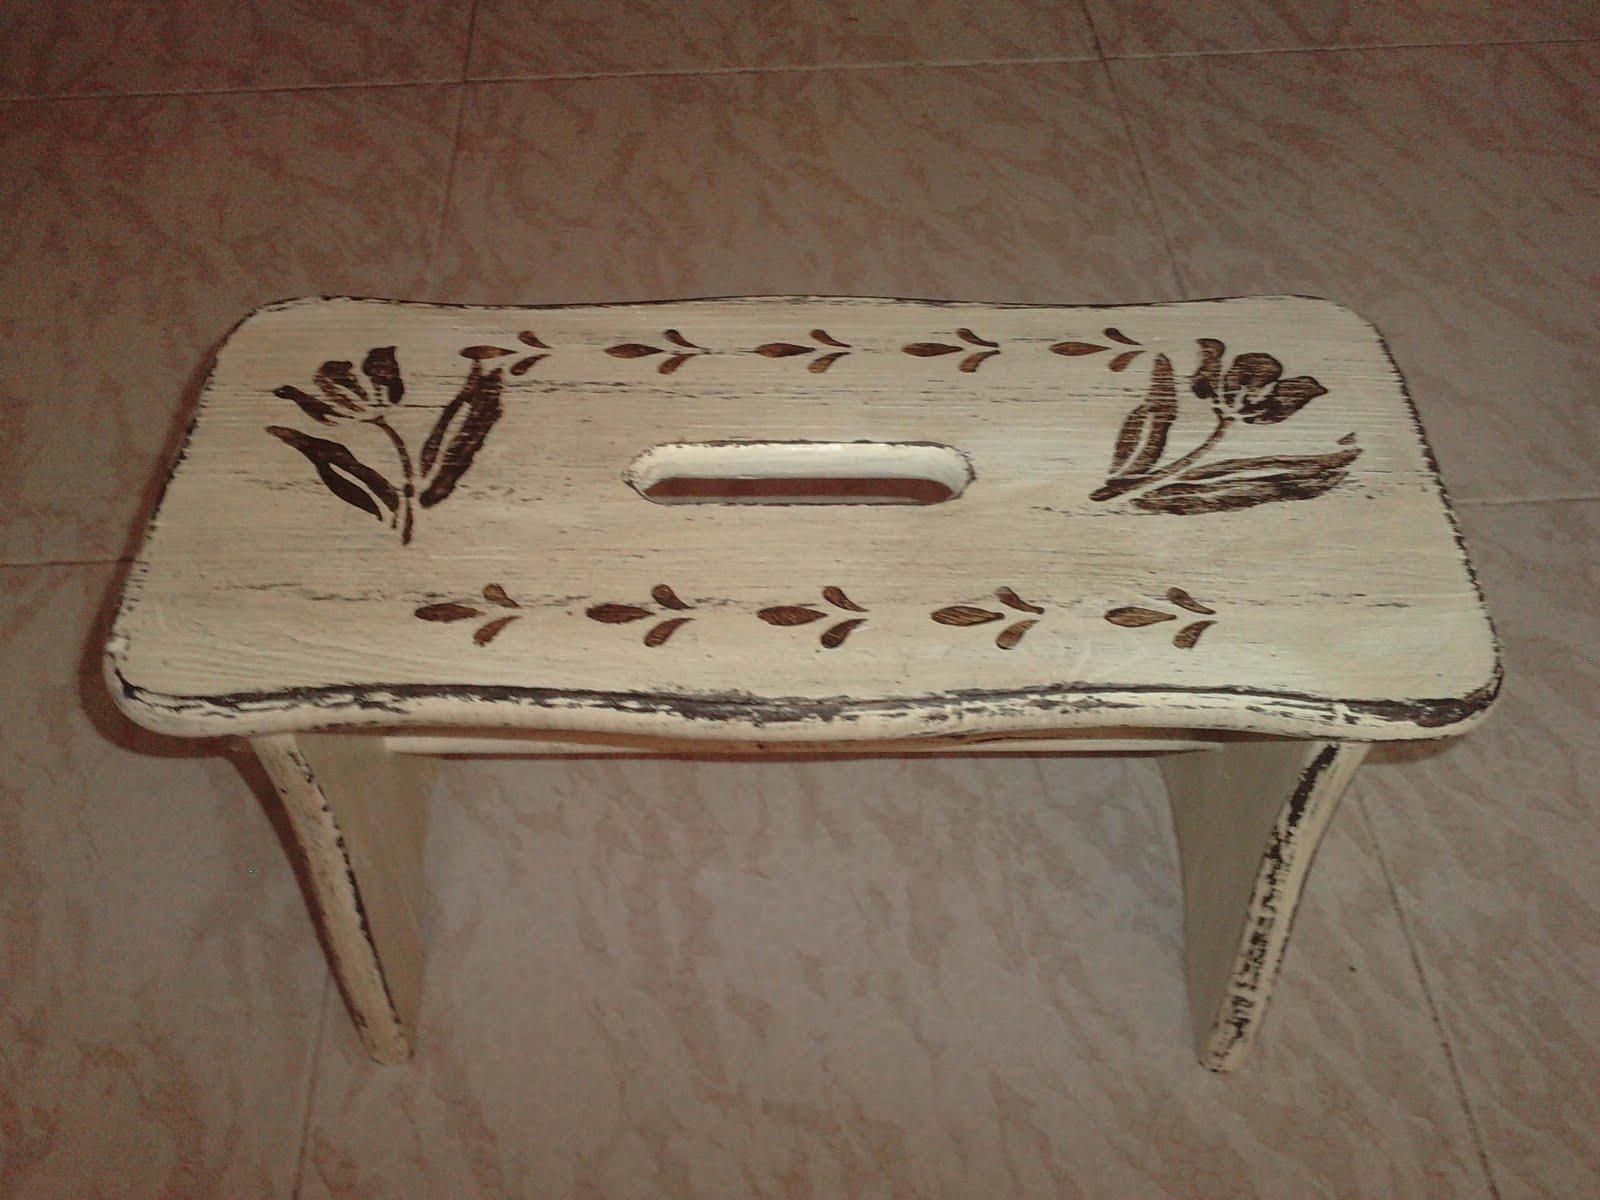 Artesania mydina banqueta de madera restaurada y bolso for Banquetas de madera